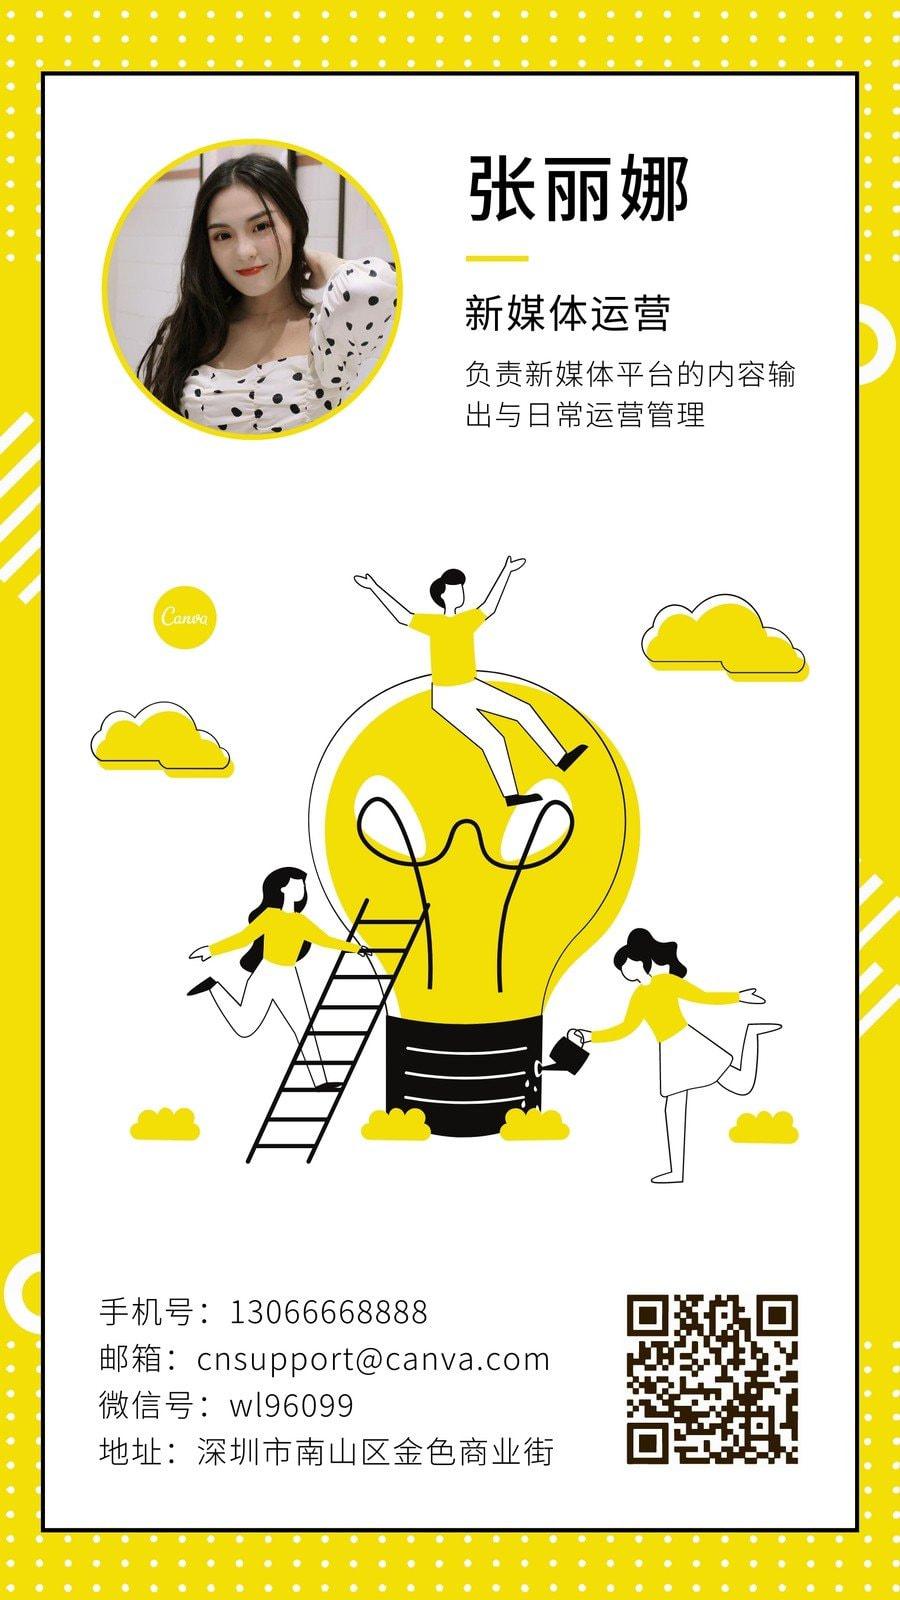 黄白色互联网新媒体行业扁平人物工作场景插画几何商务互联网宣传中文电子名片